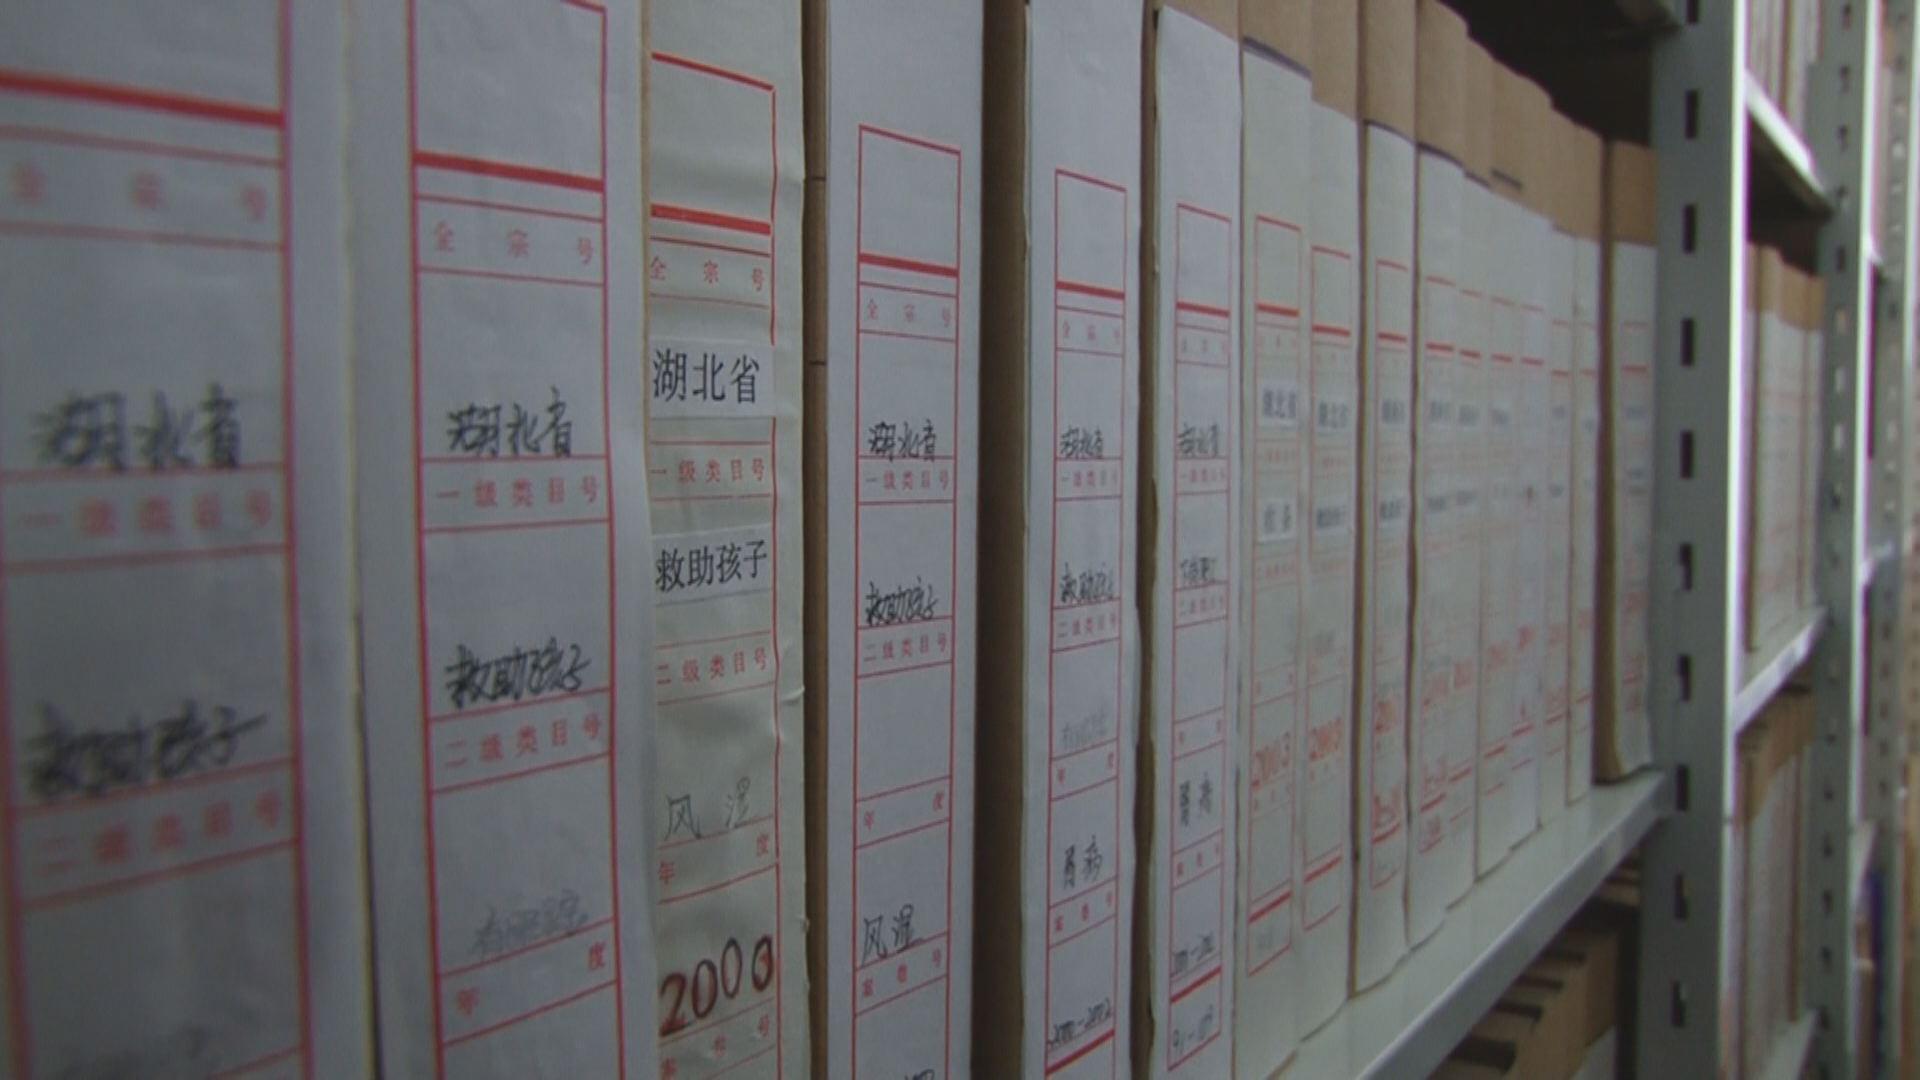 健康救助二十年 脱贫攻坚做奉献——吉林天三奇药业有限公司健康救助纪实